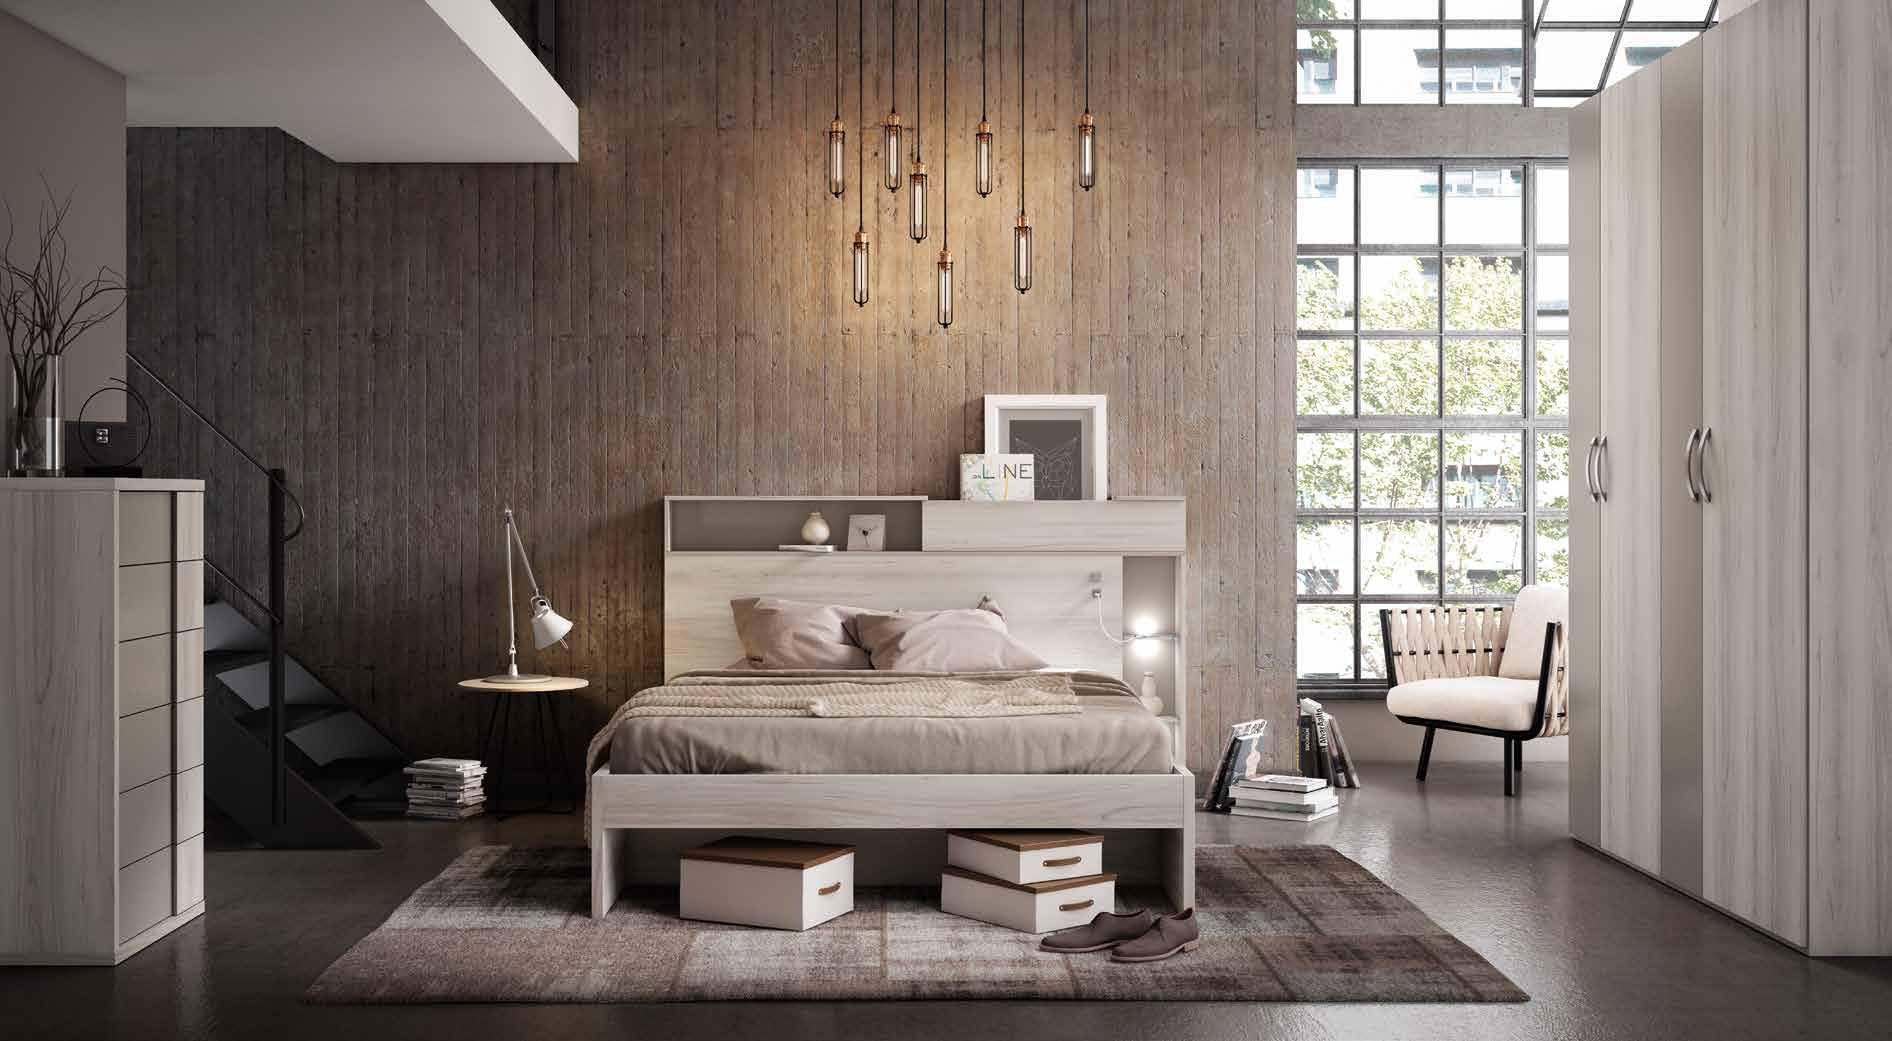 creta-dormitorio-hebros-38